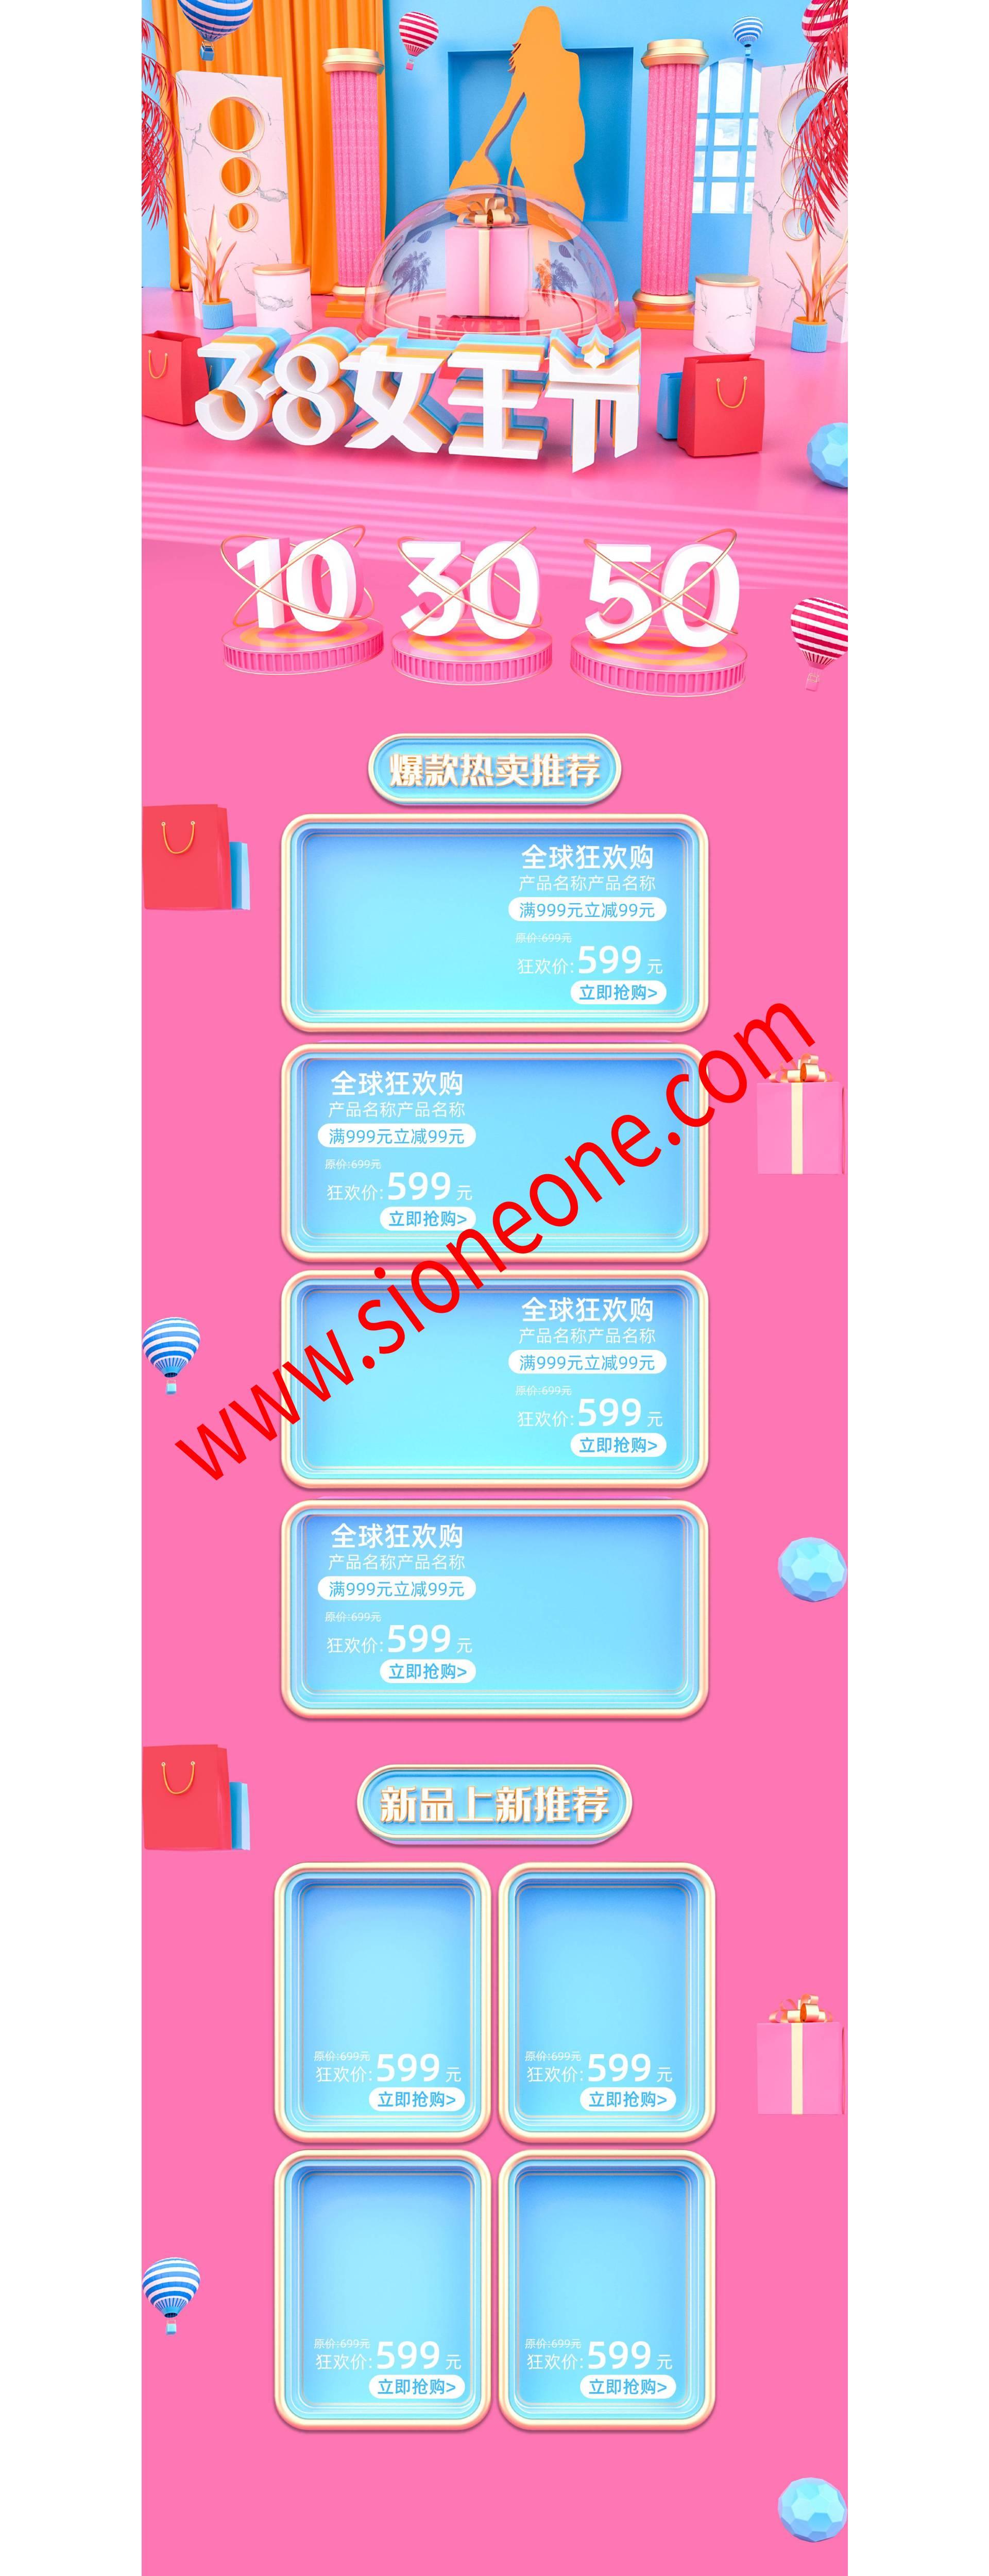 20款打包3.8女王节电商首页模板